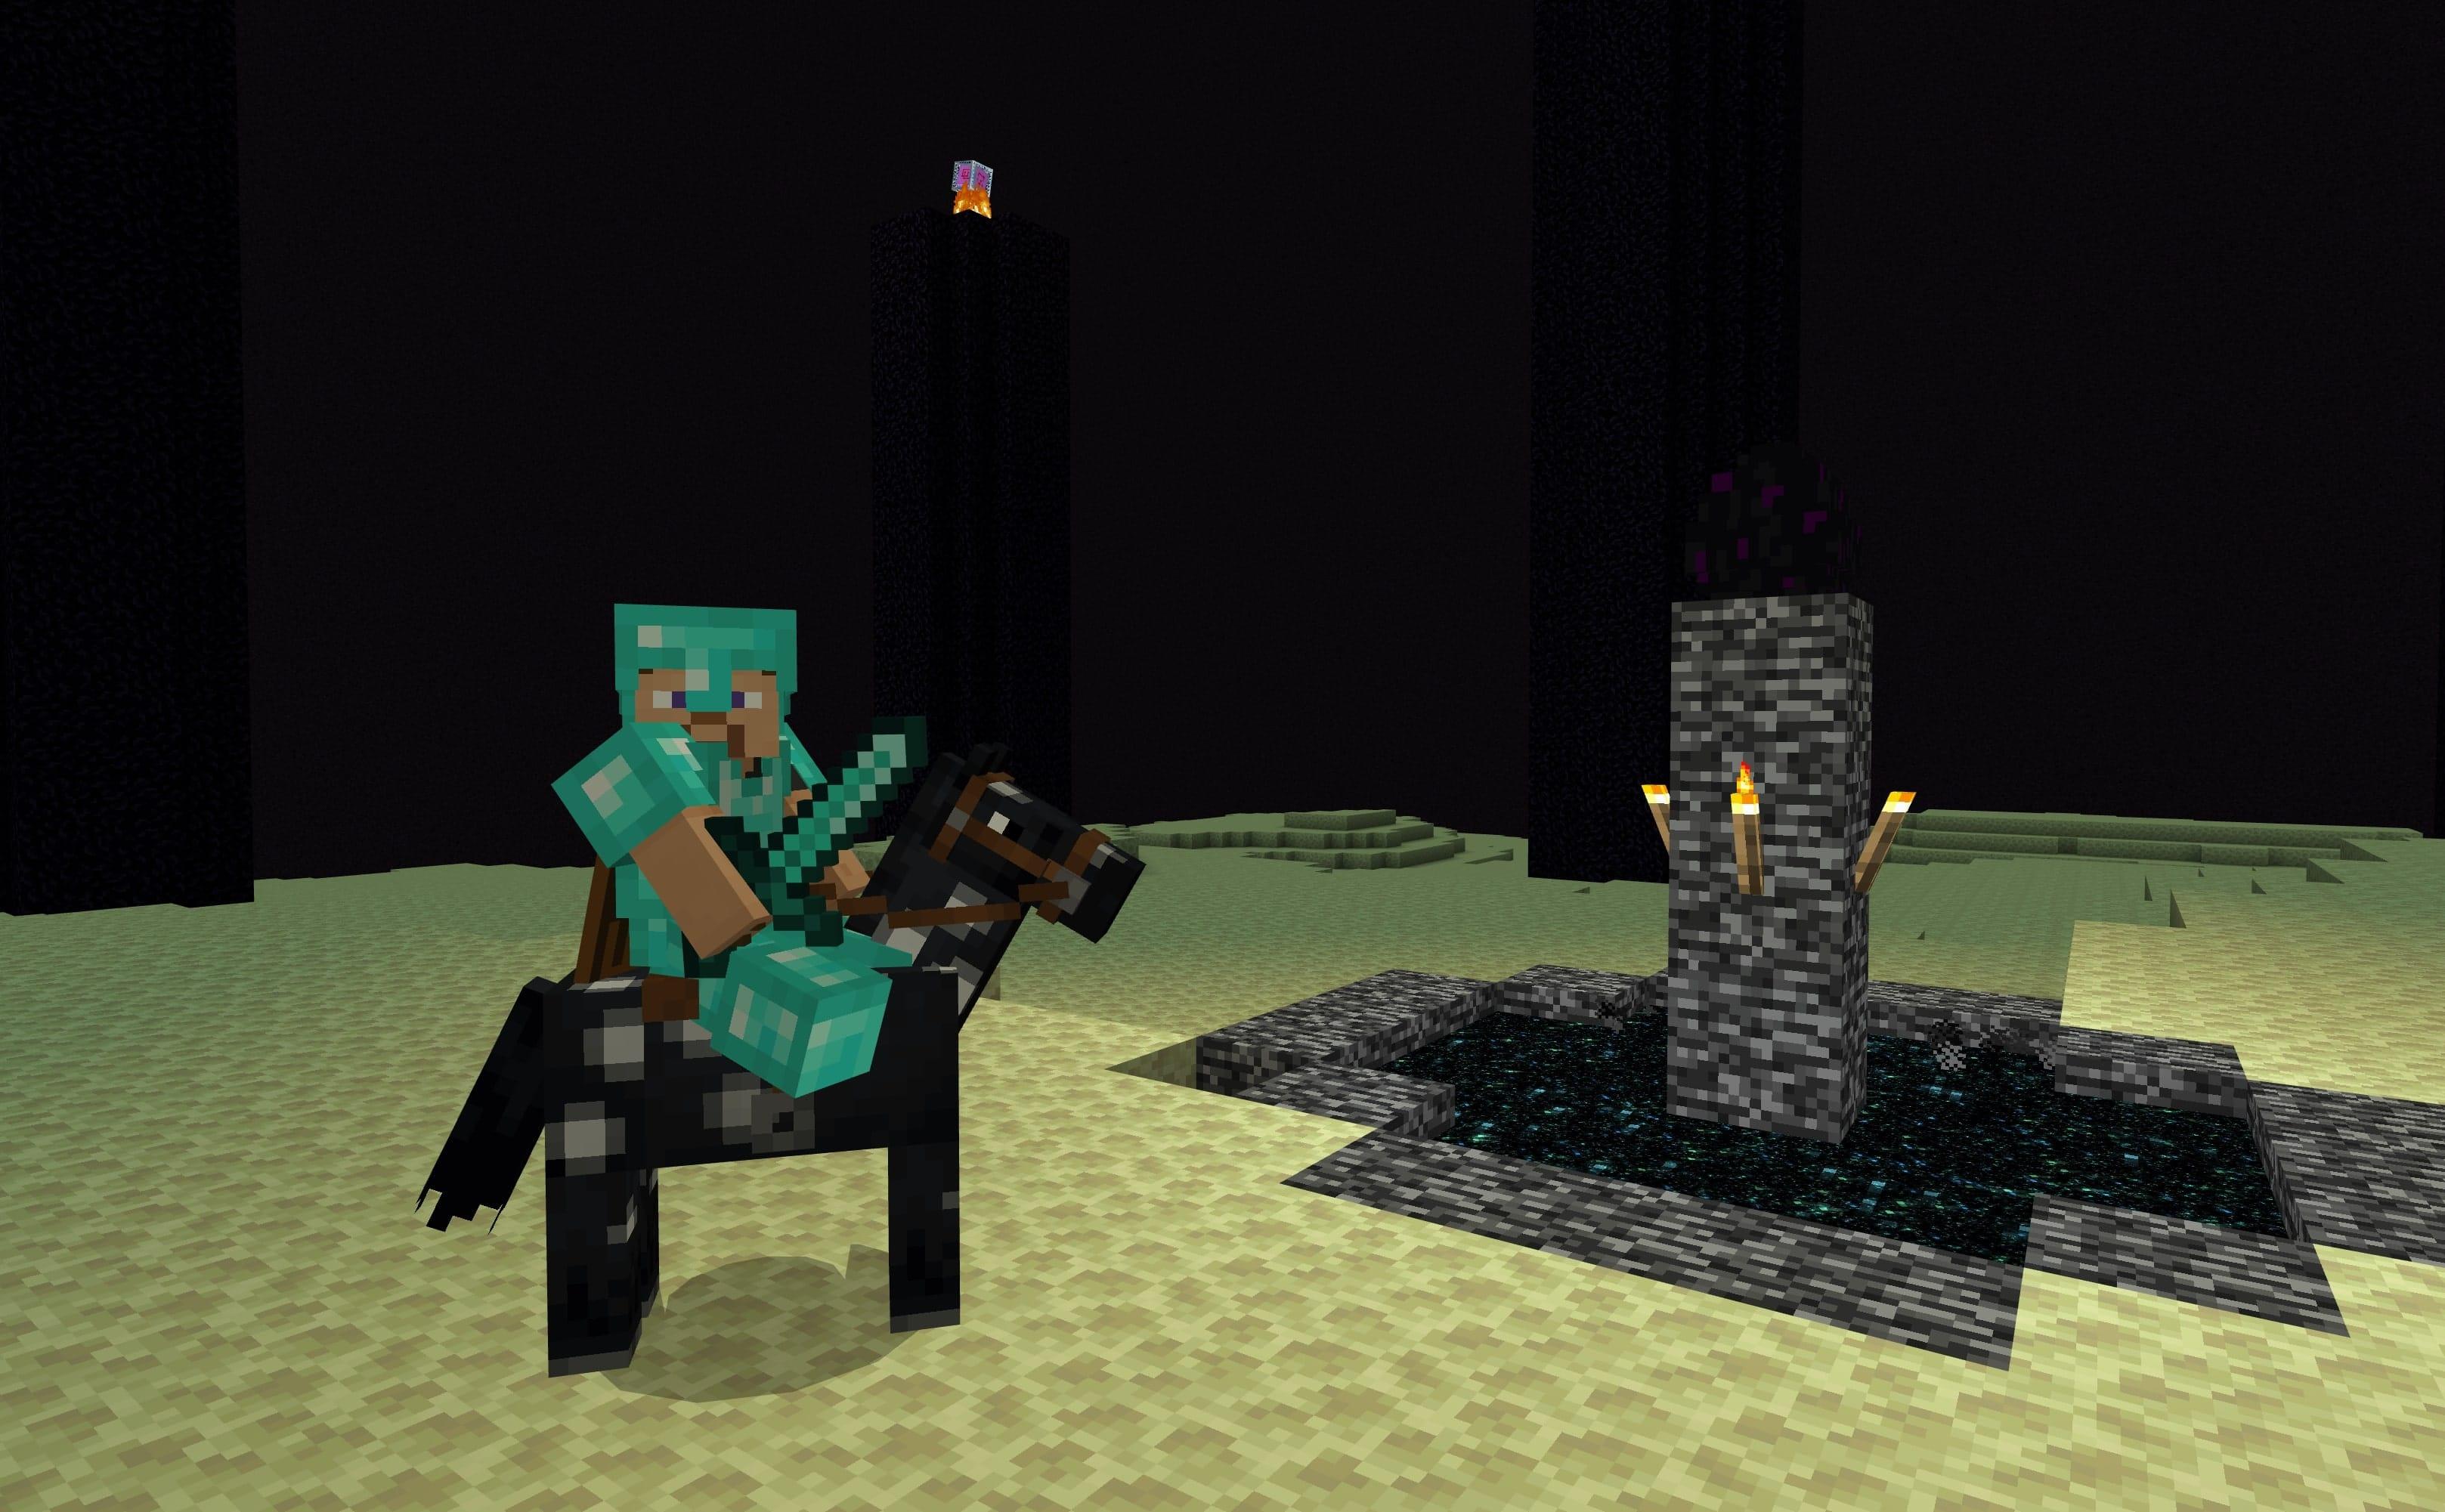 Minecraft Update 2.28